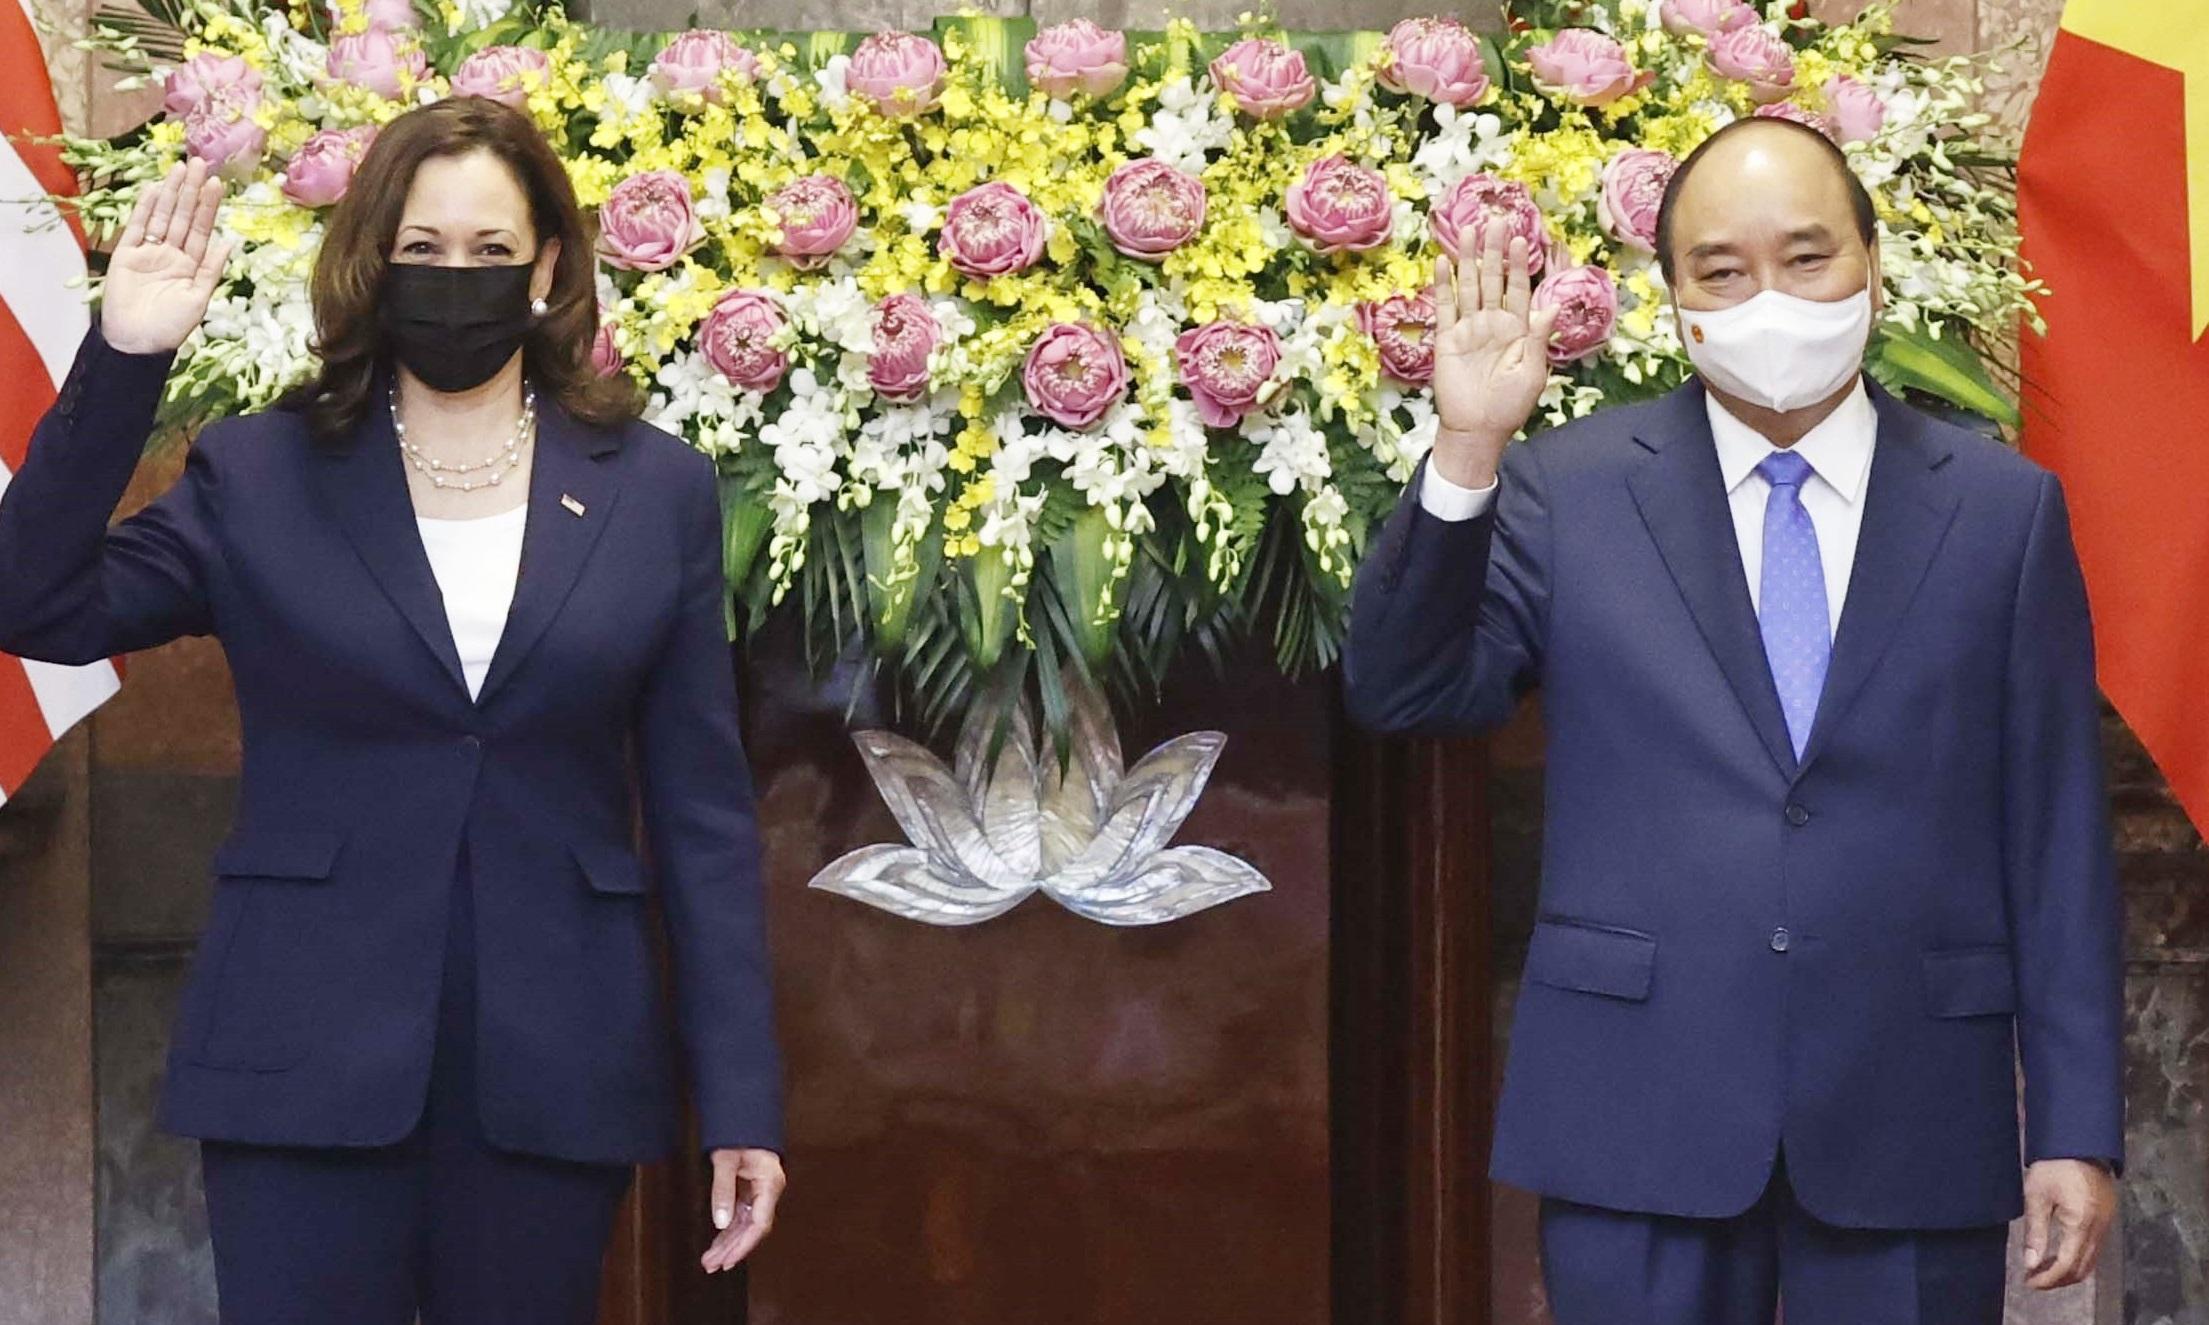 Chủ tịch nước Nguyễn Xuân Phúc (phải) tiếp đón Phó tổng thống Mỹ Kamala Harris tại Phủ Chủ tịch sáng nay. Ảnh: TTXVN.